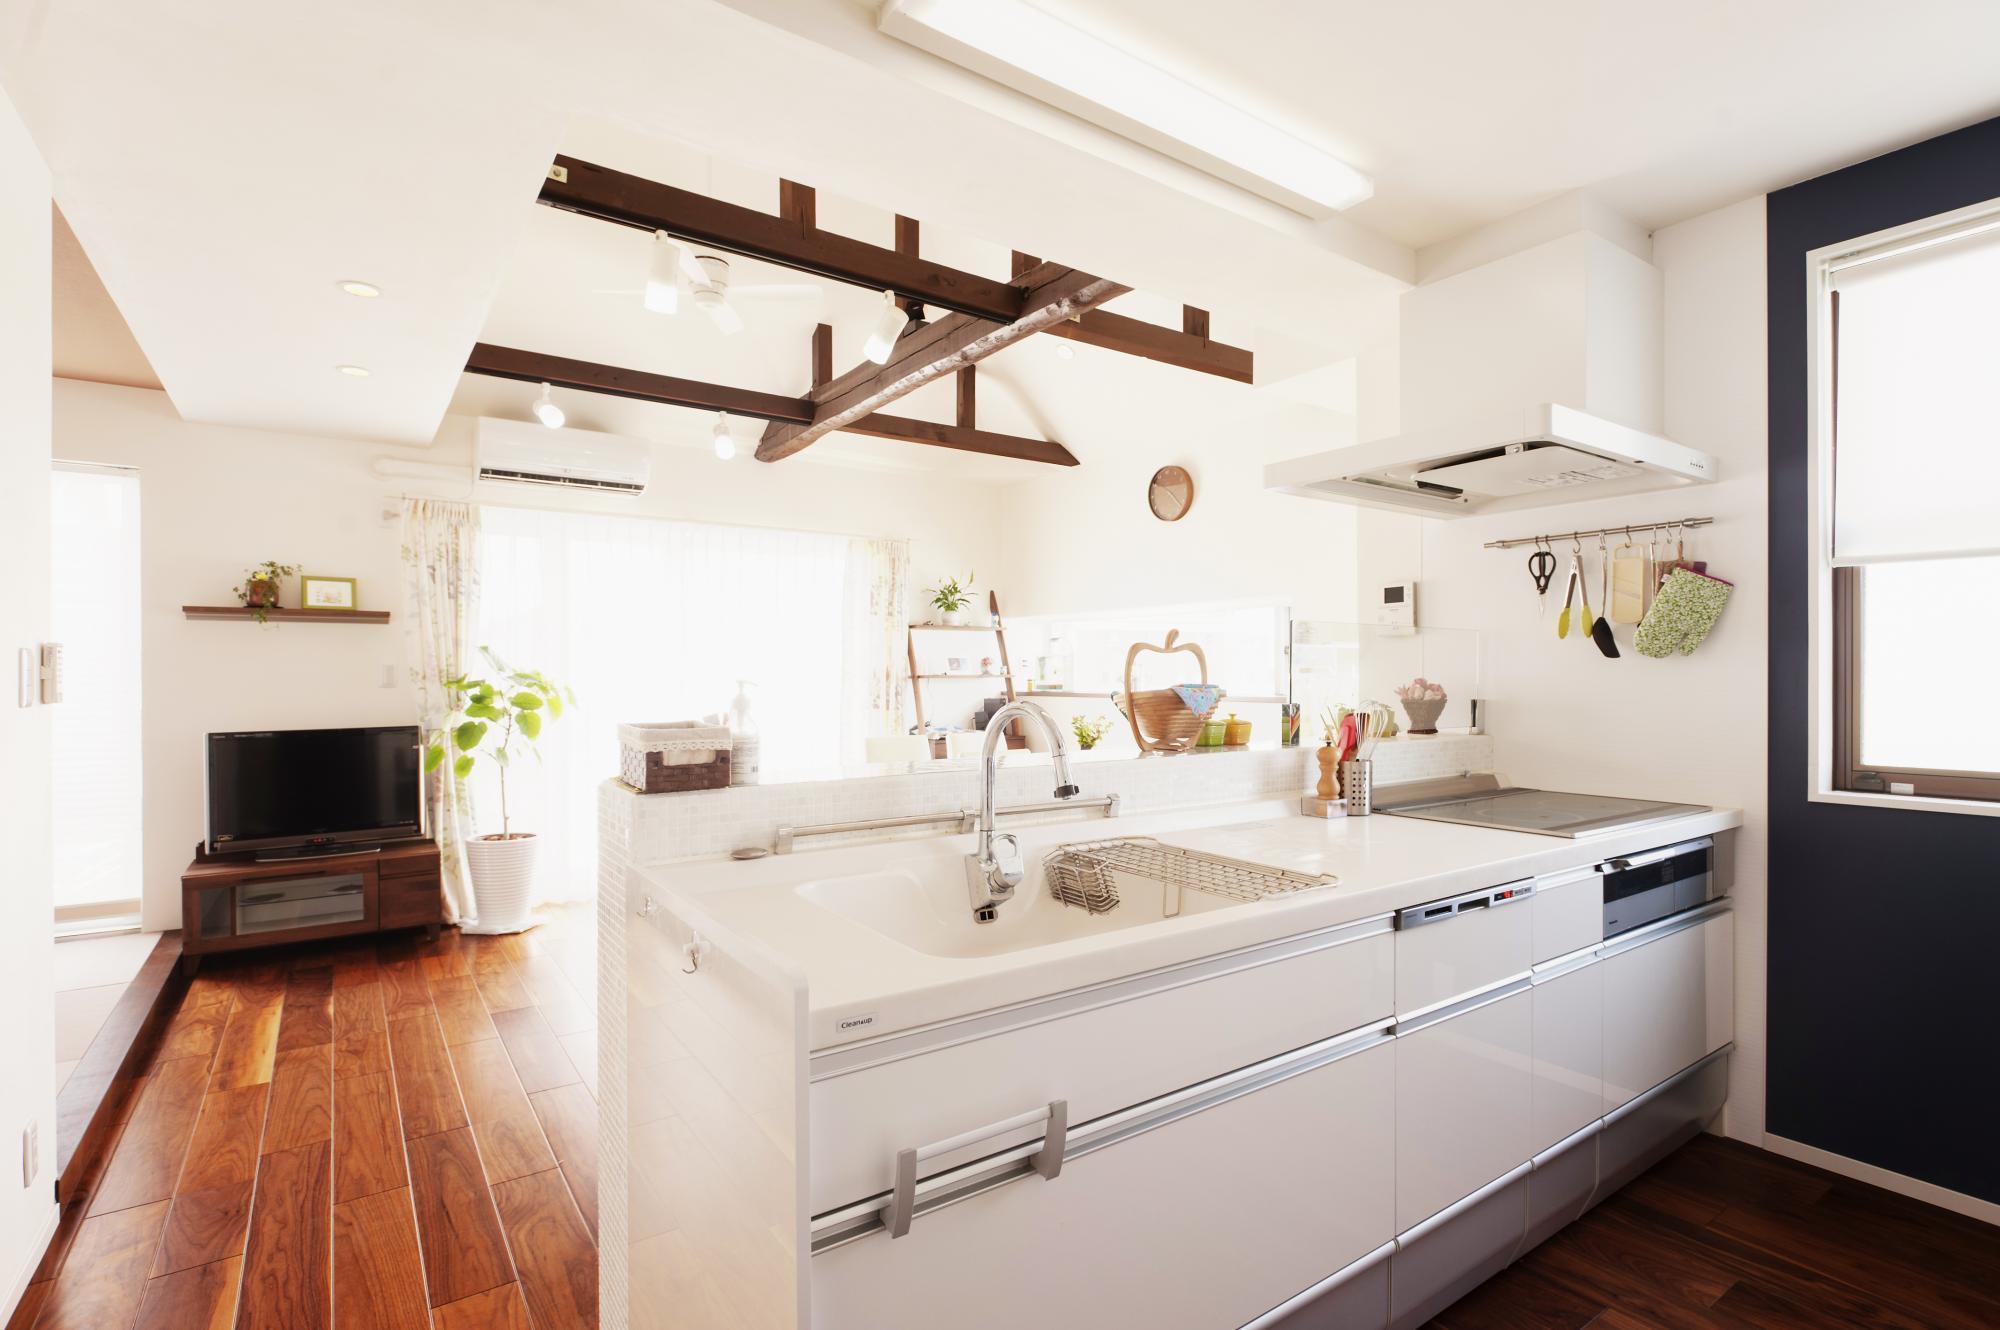 家族がお手伝い出来るように、キッチンは2人で作業できる広さを確保しました。  キッチンからの眺めもよく、家事が楽しくなったそうです。